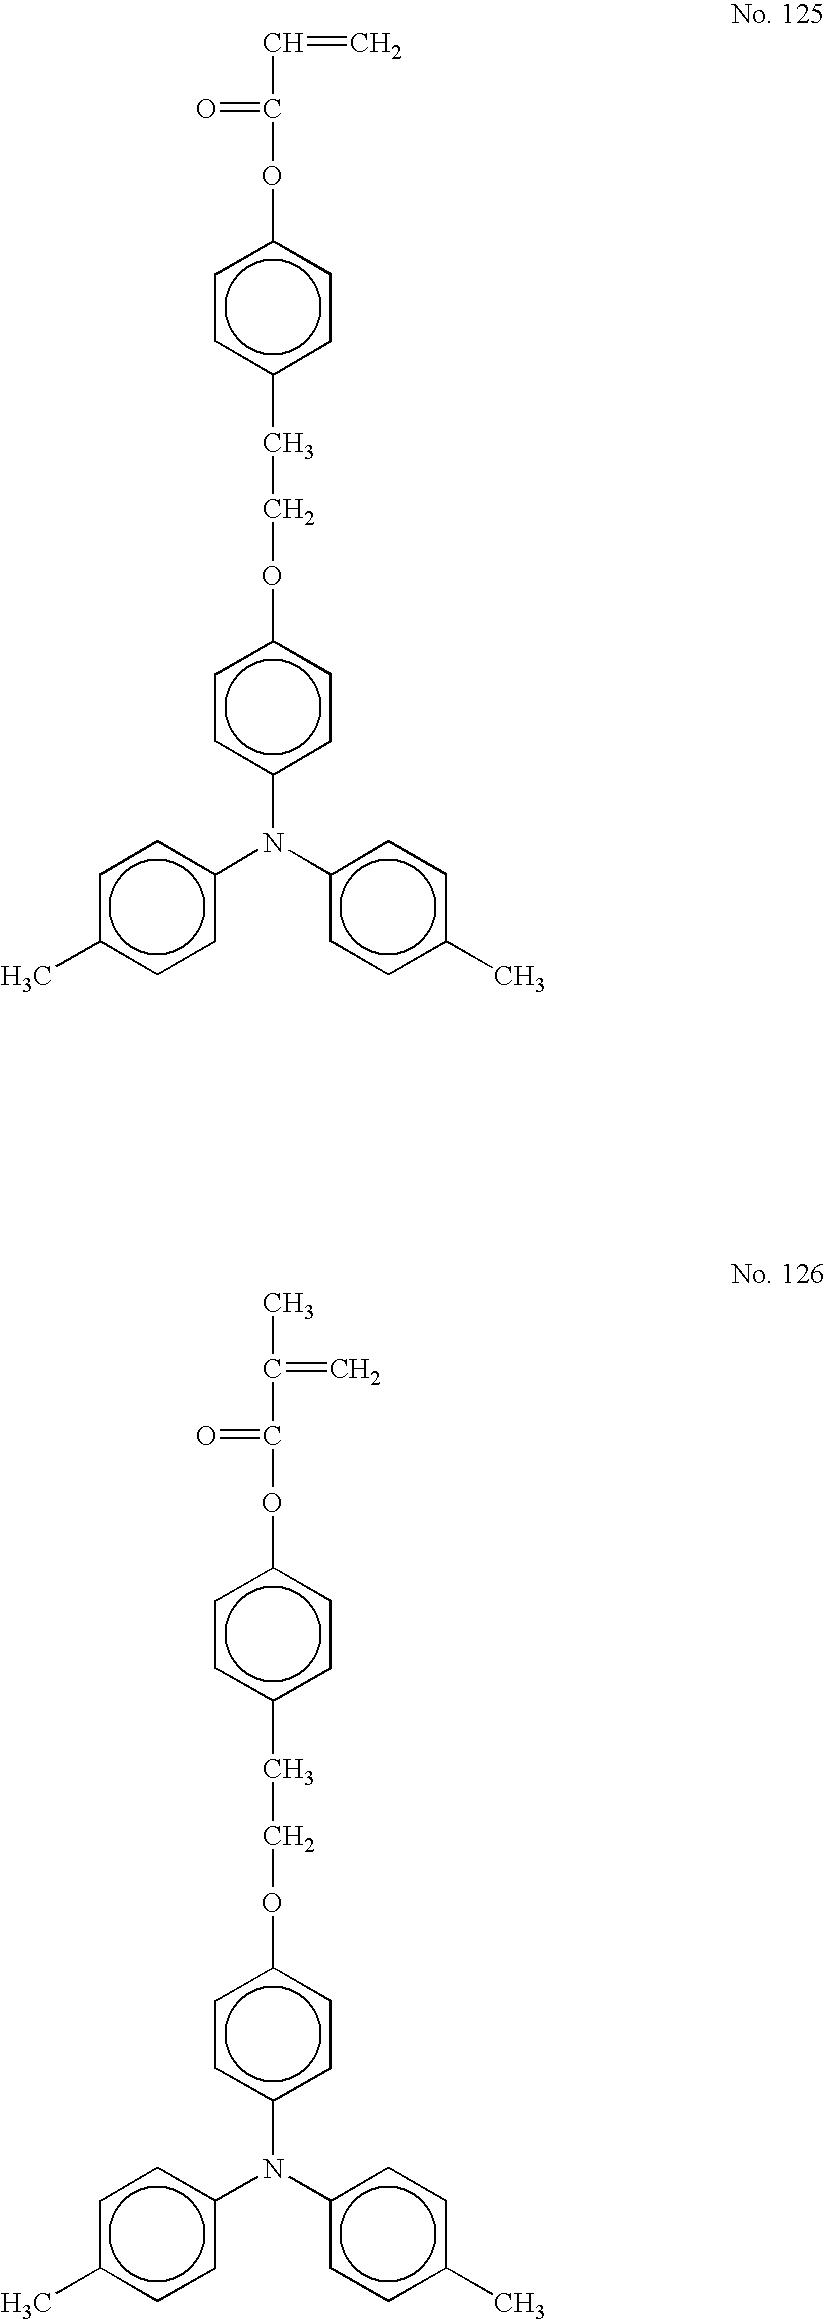 Figure US20060177749A1-20060810-C00062